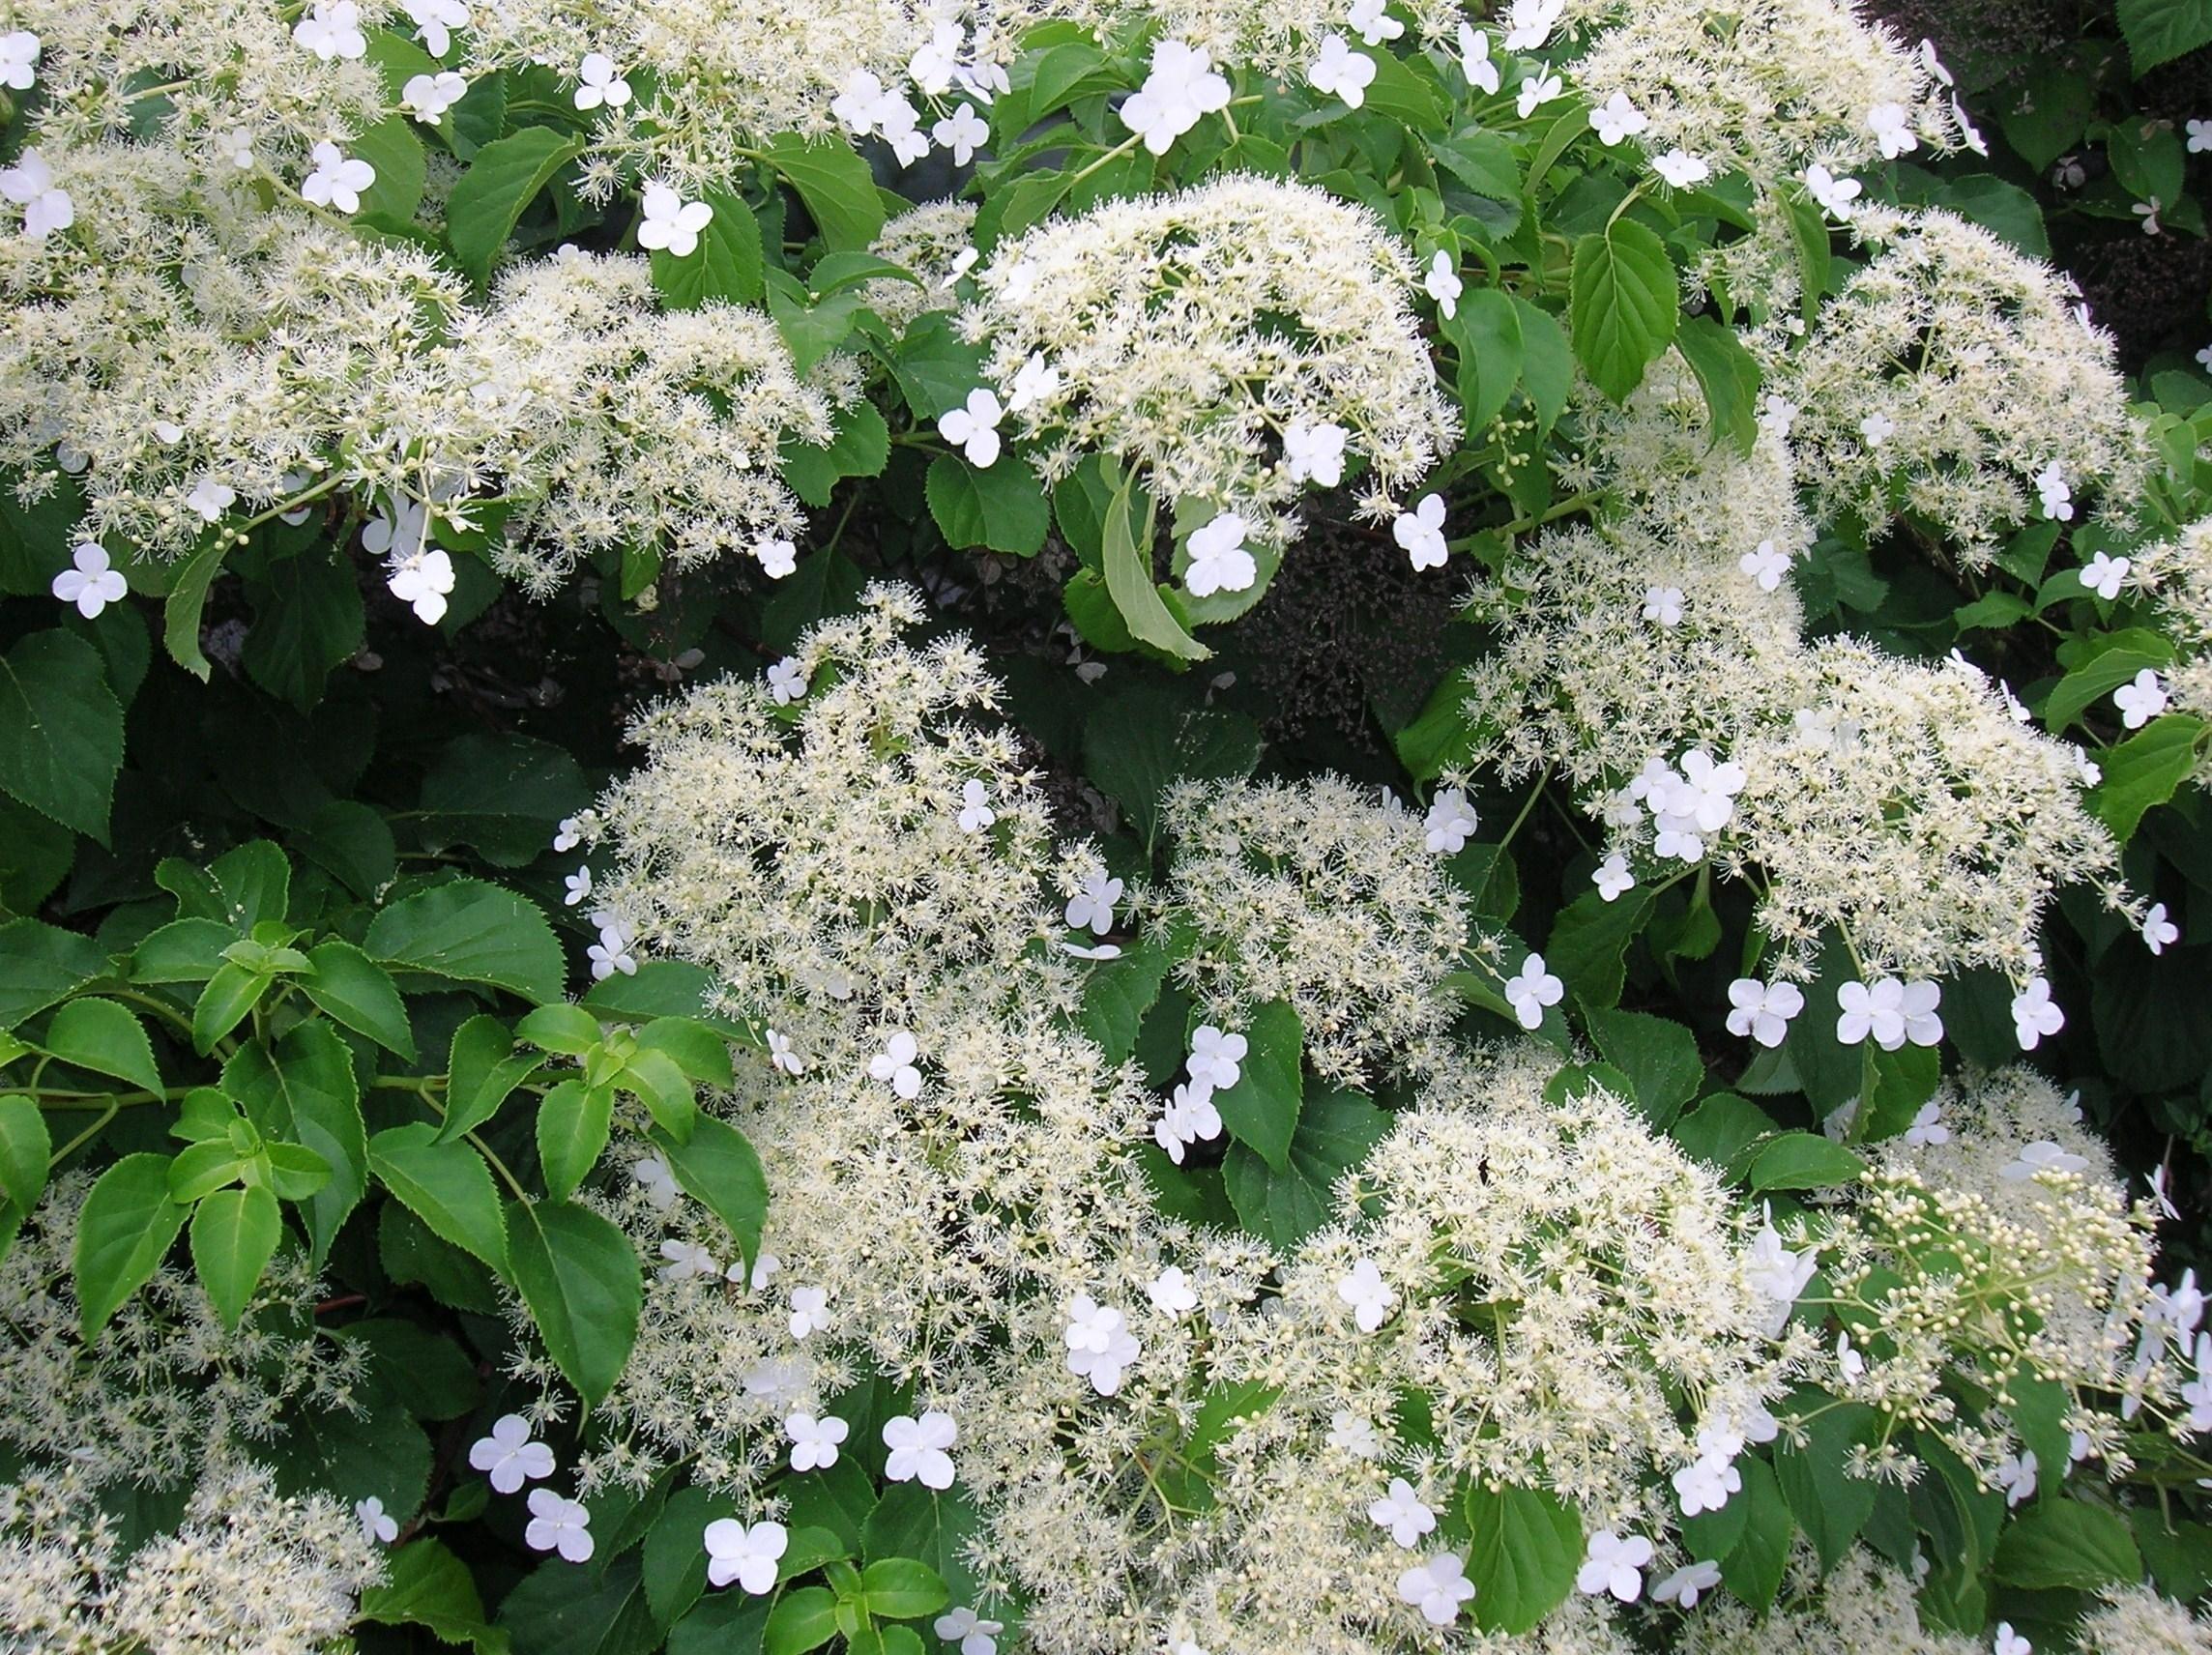 Piante rampicanti da esterno rampicanti piante for Fiori sempreverdi da giardino